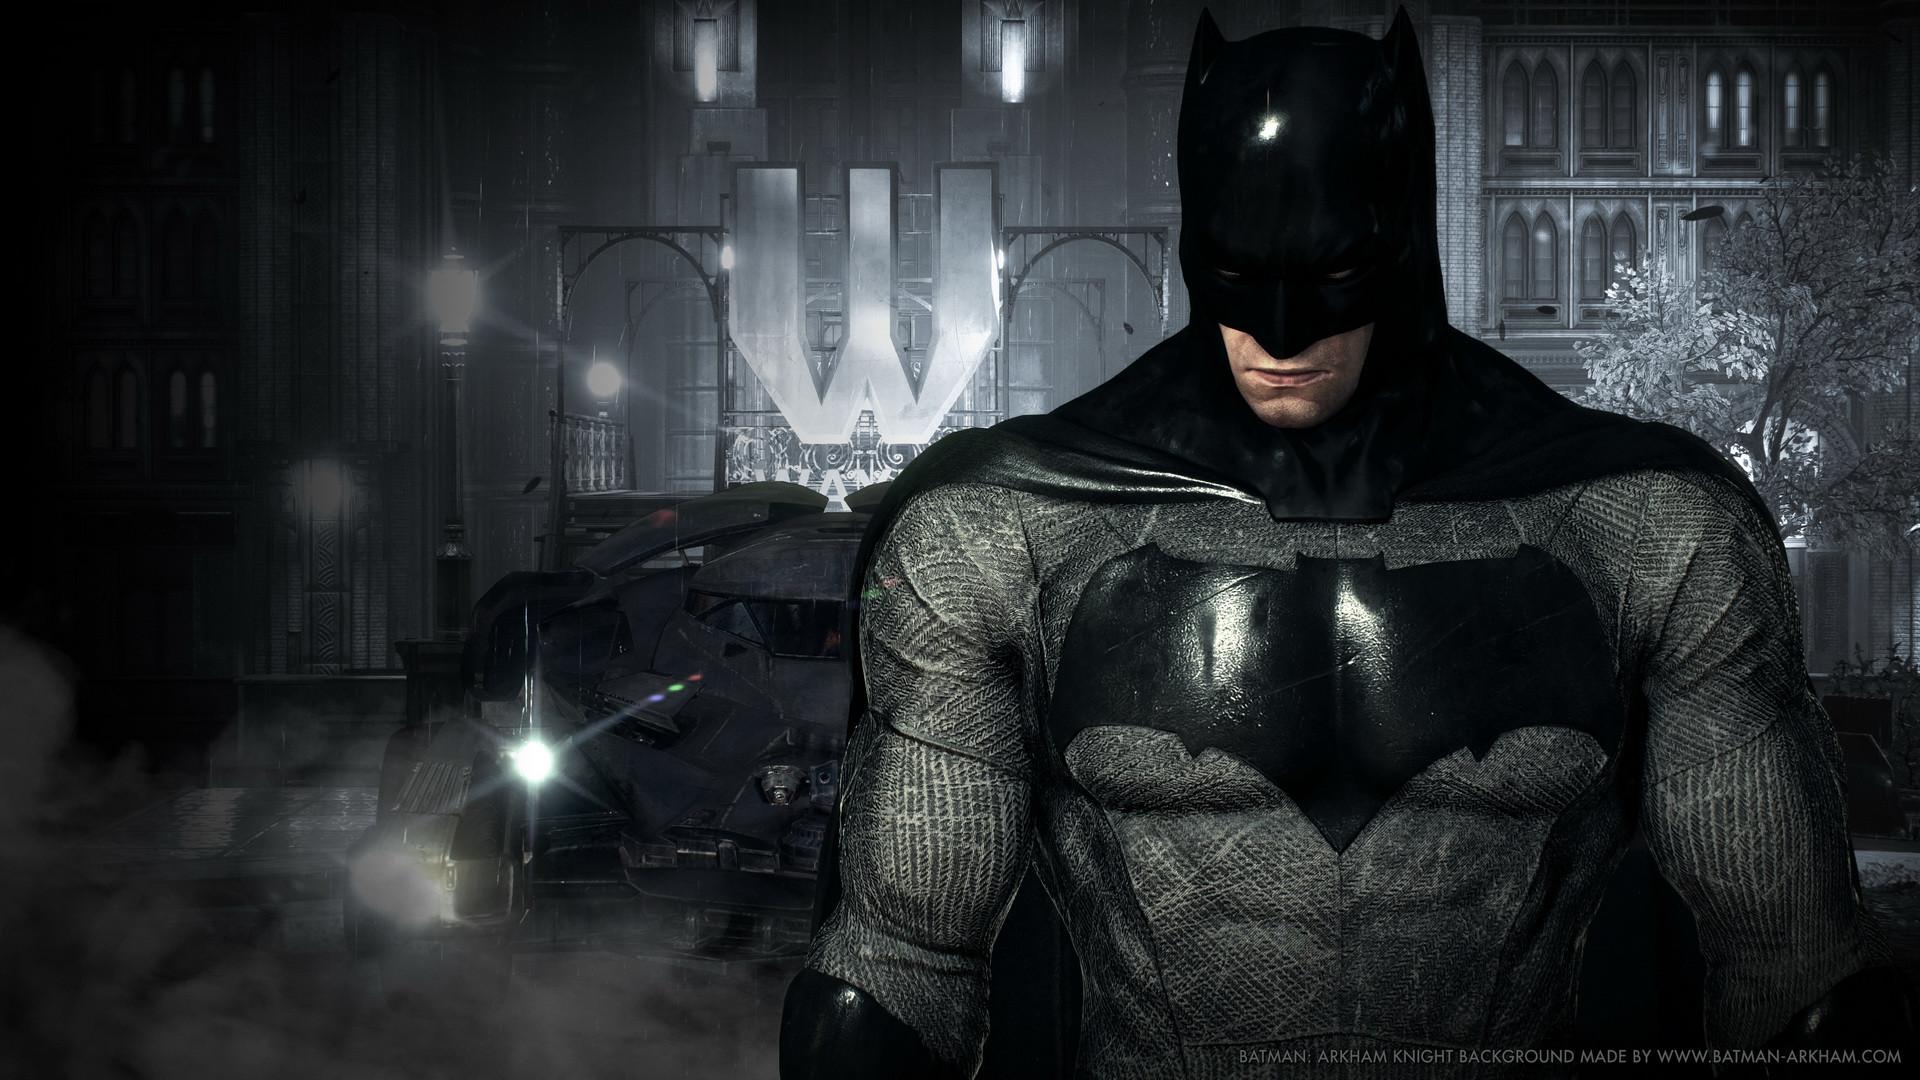 Superman and Batman Wallpaper (77+ images)